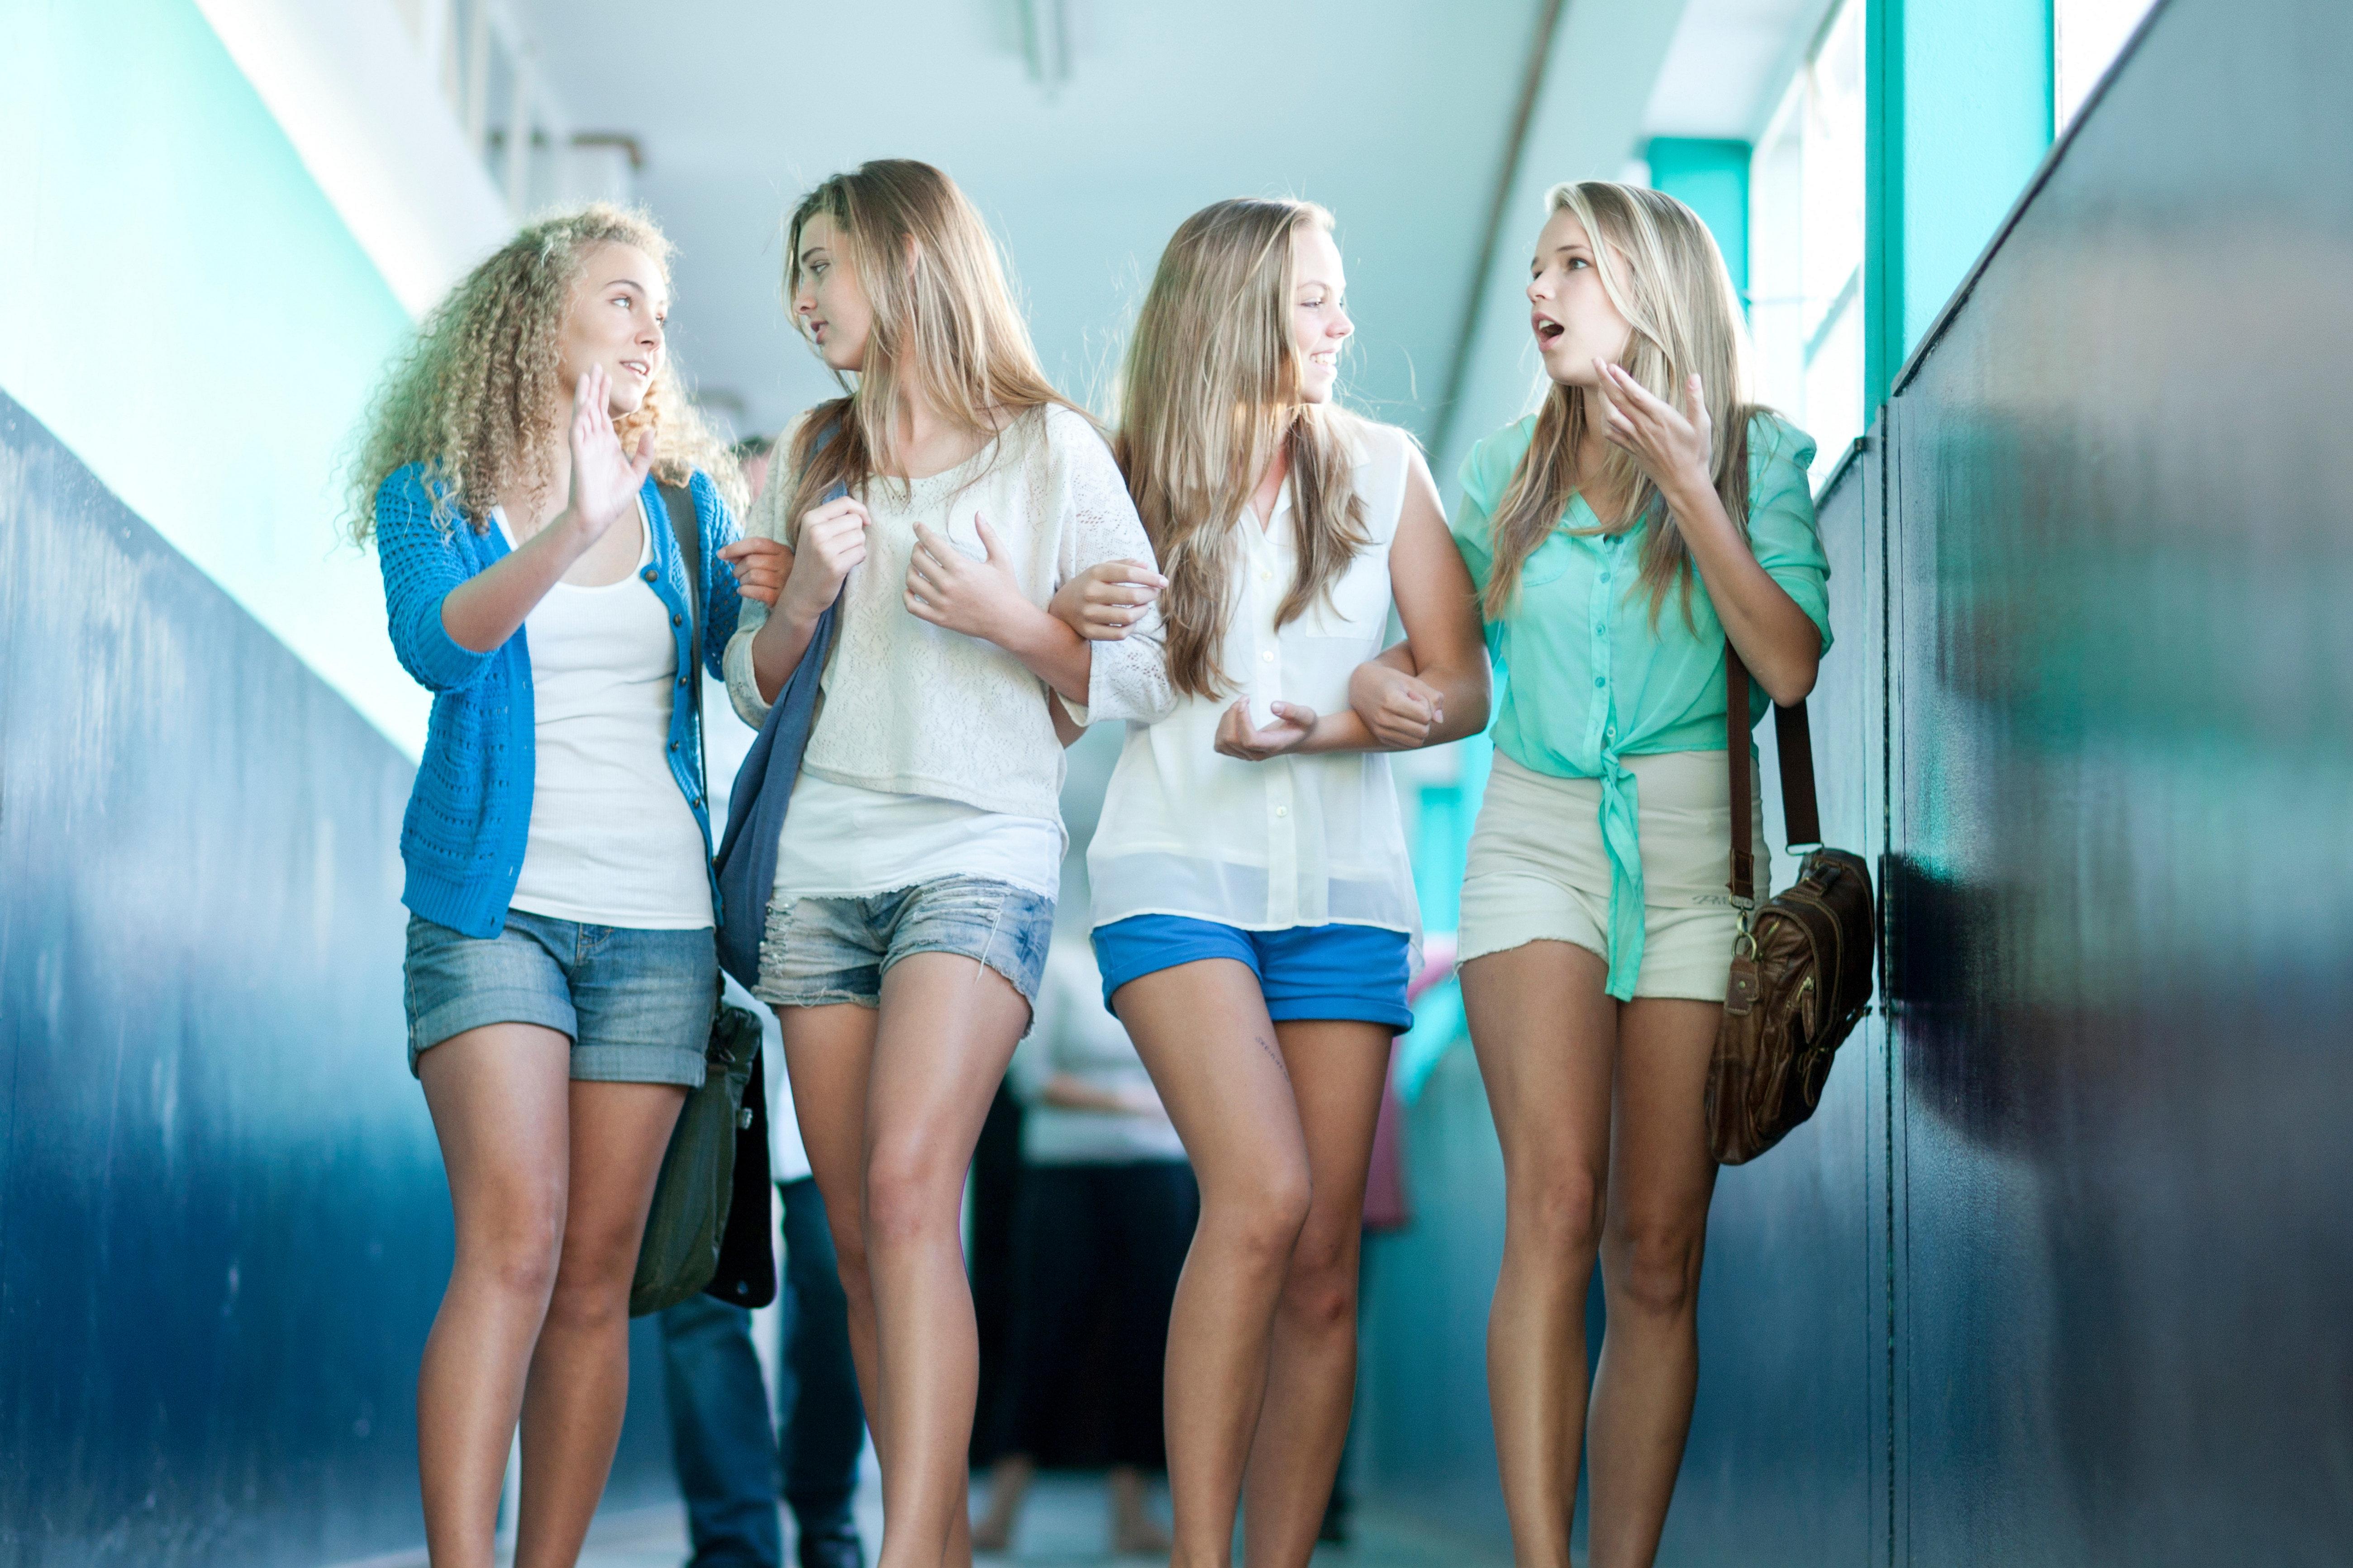 Zu viel nackte Haut: Bayerischer Direktor bestraft Schülerinnen mit